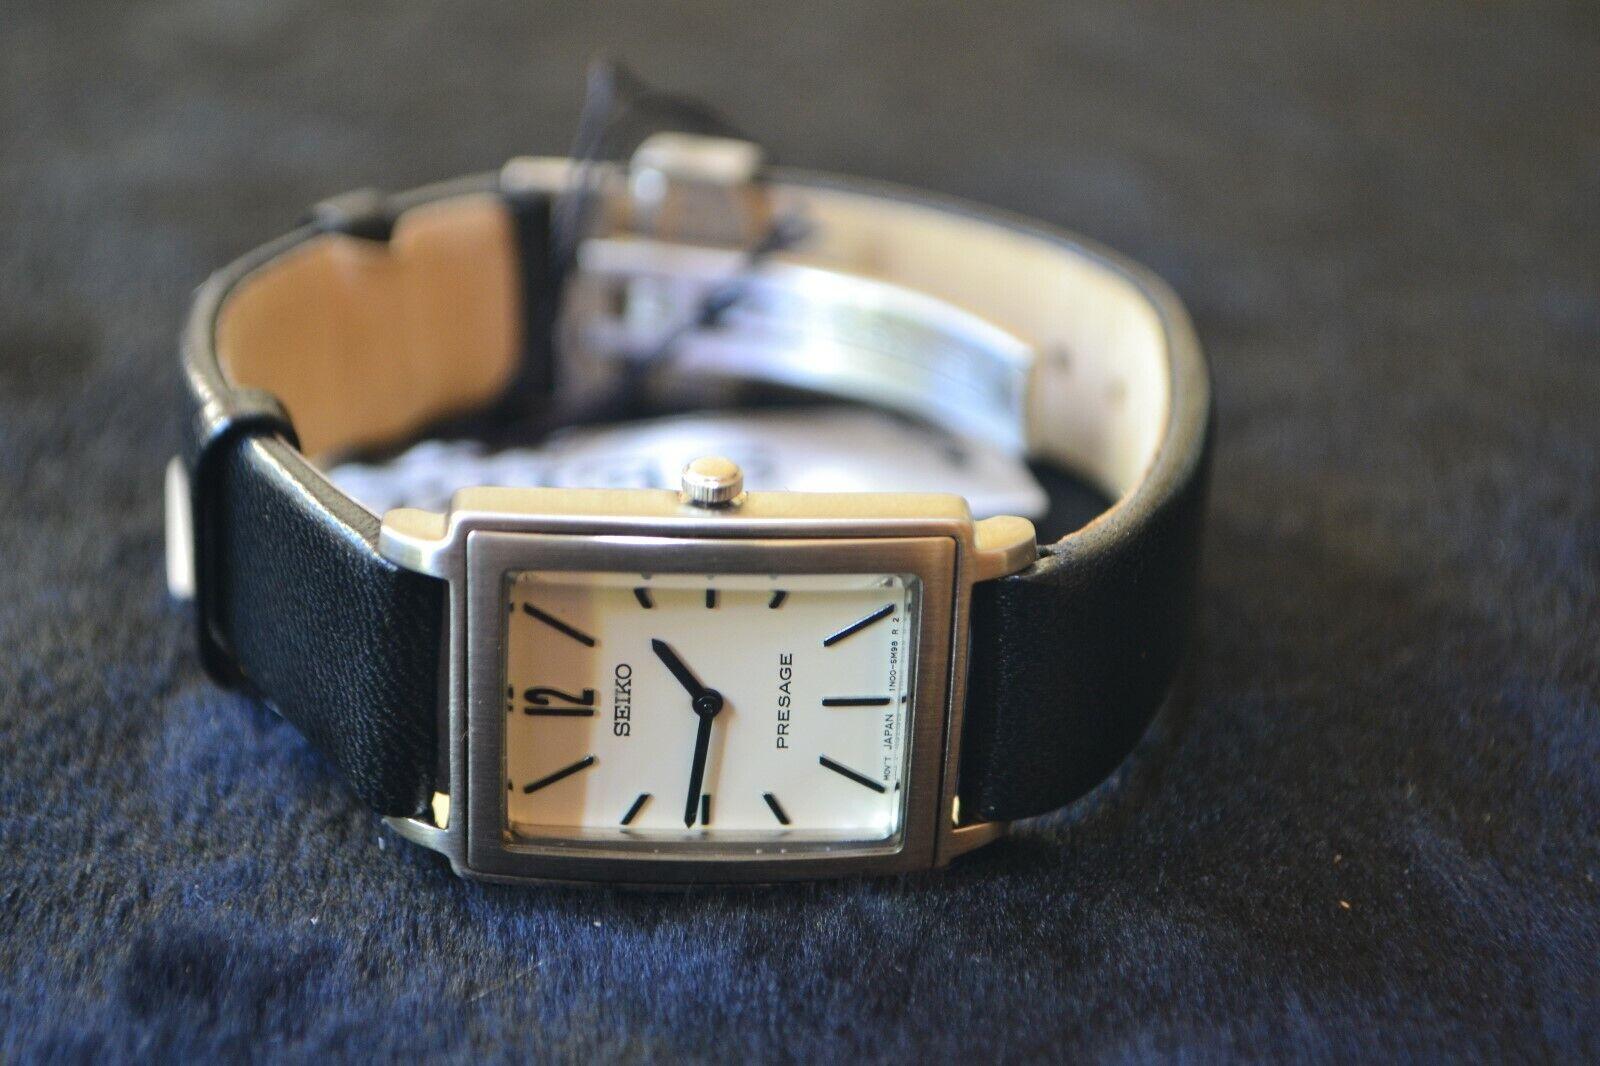 Seiko suy053p1 presage vintage reloj mujer mejorofertarelojes